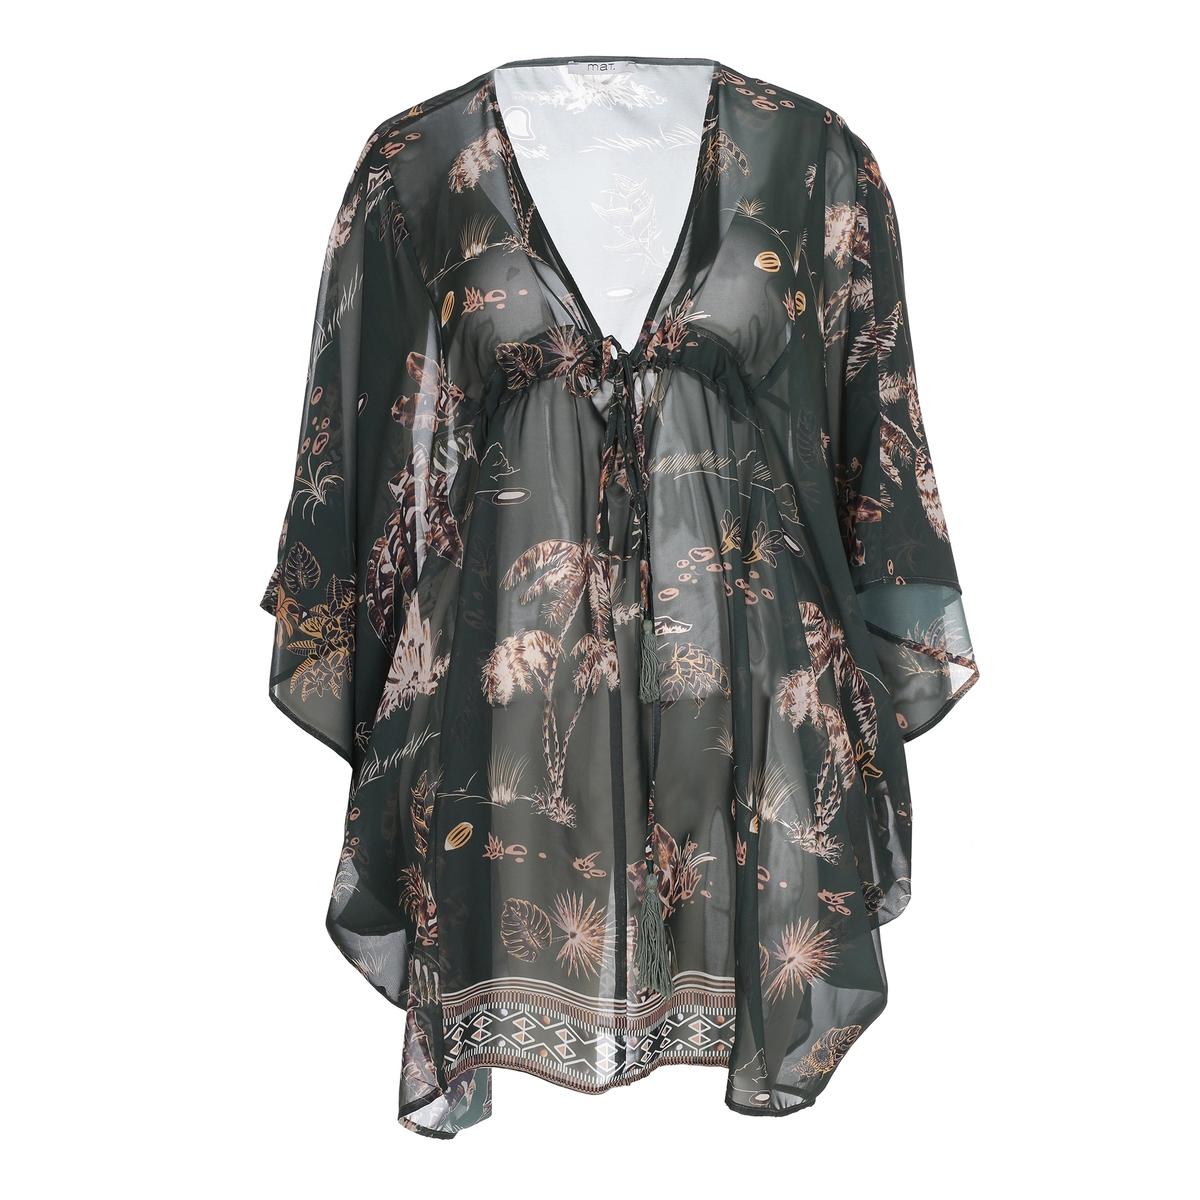 Жакет-кимоноЖакет-кимоно MAT FASHION. 100% полиэстер. Жакет с рисунком. Рукава 3/4  . Застежка на завязки с кисточками.<br><br>Цвет: рисунок/зеленый